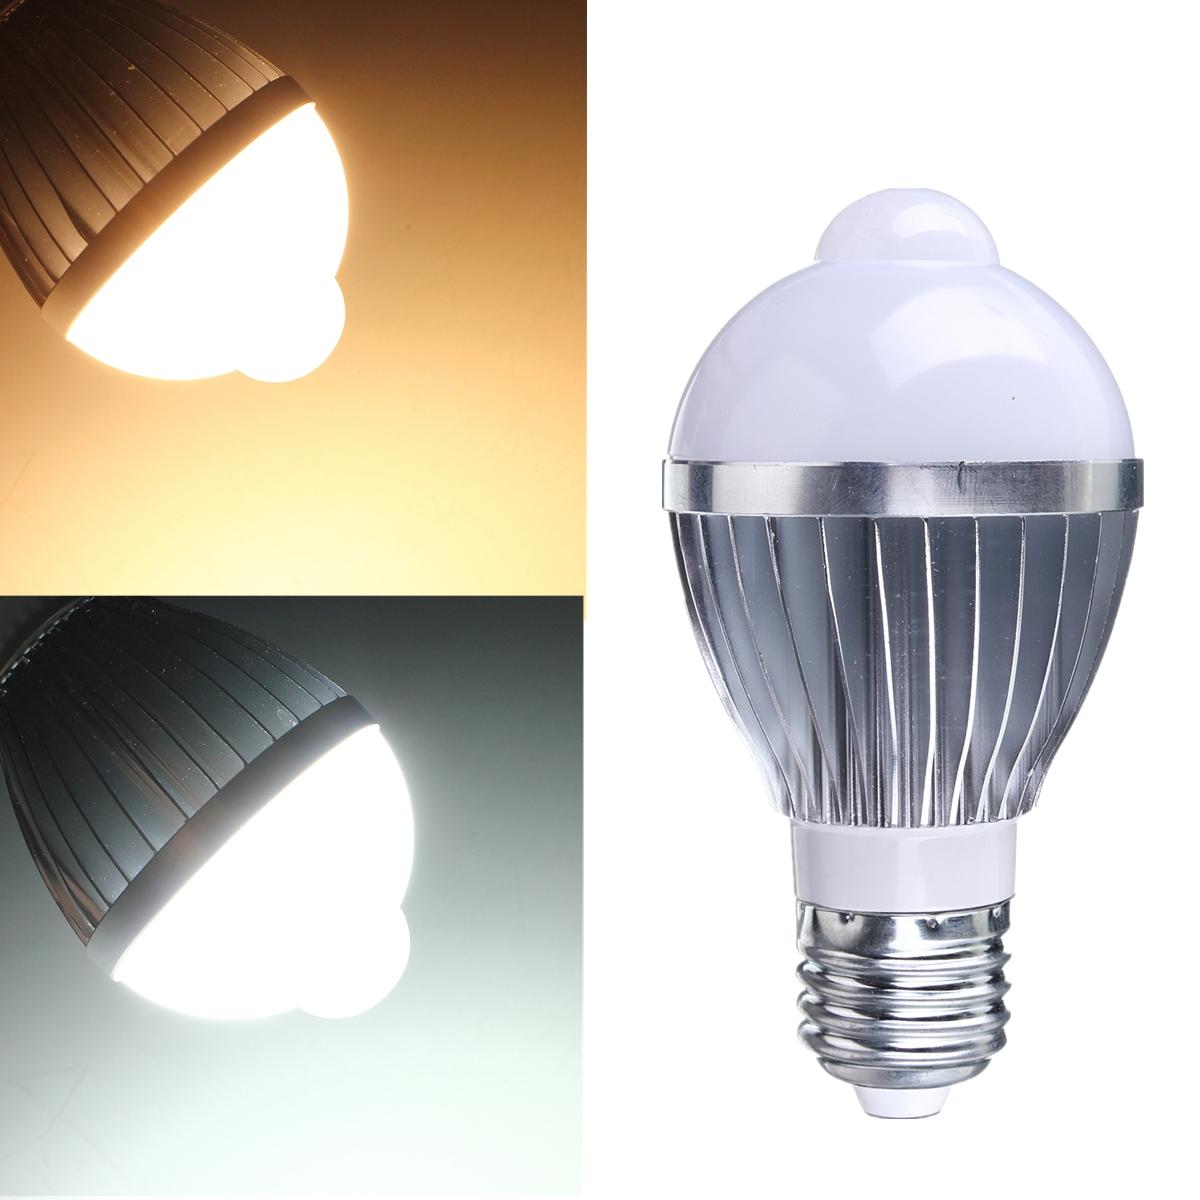 E27 5w 7w Auto Pir Infrared Motion Sensor Detection White Led Bulb Lamp Light Ebay